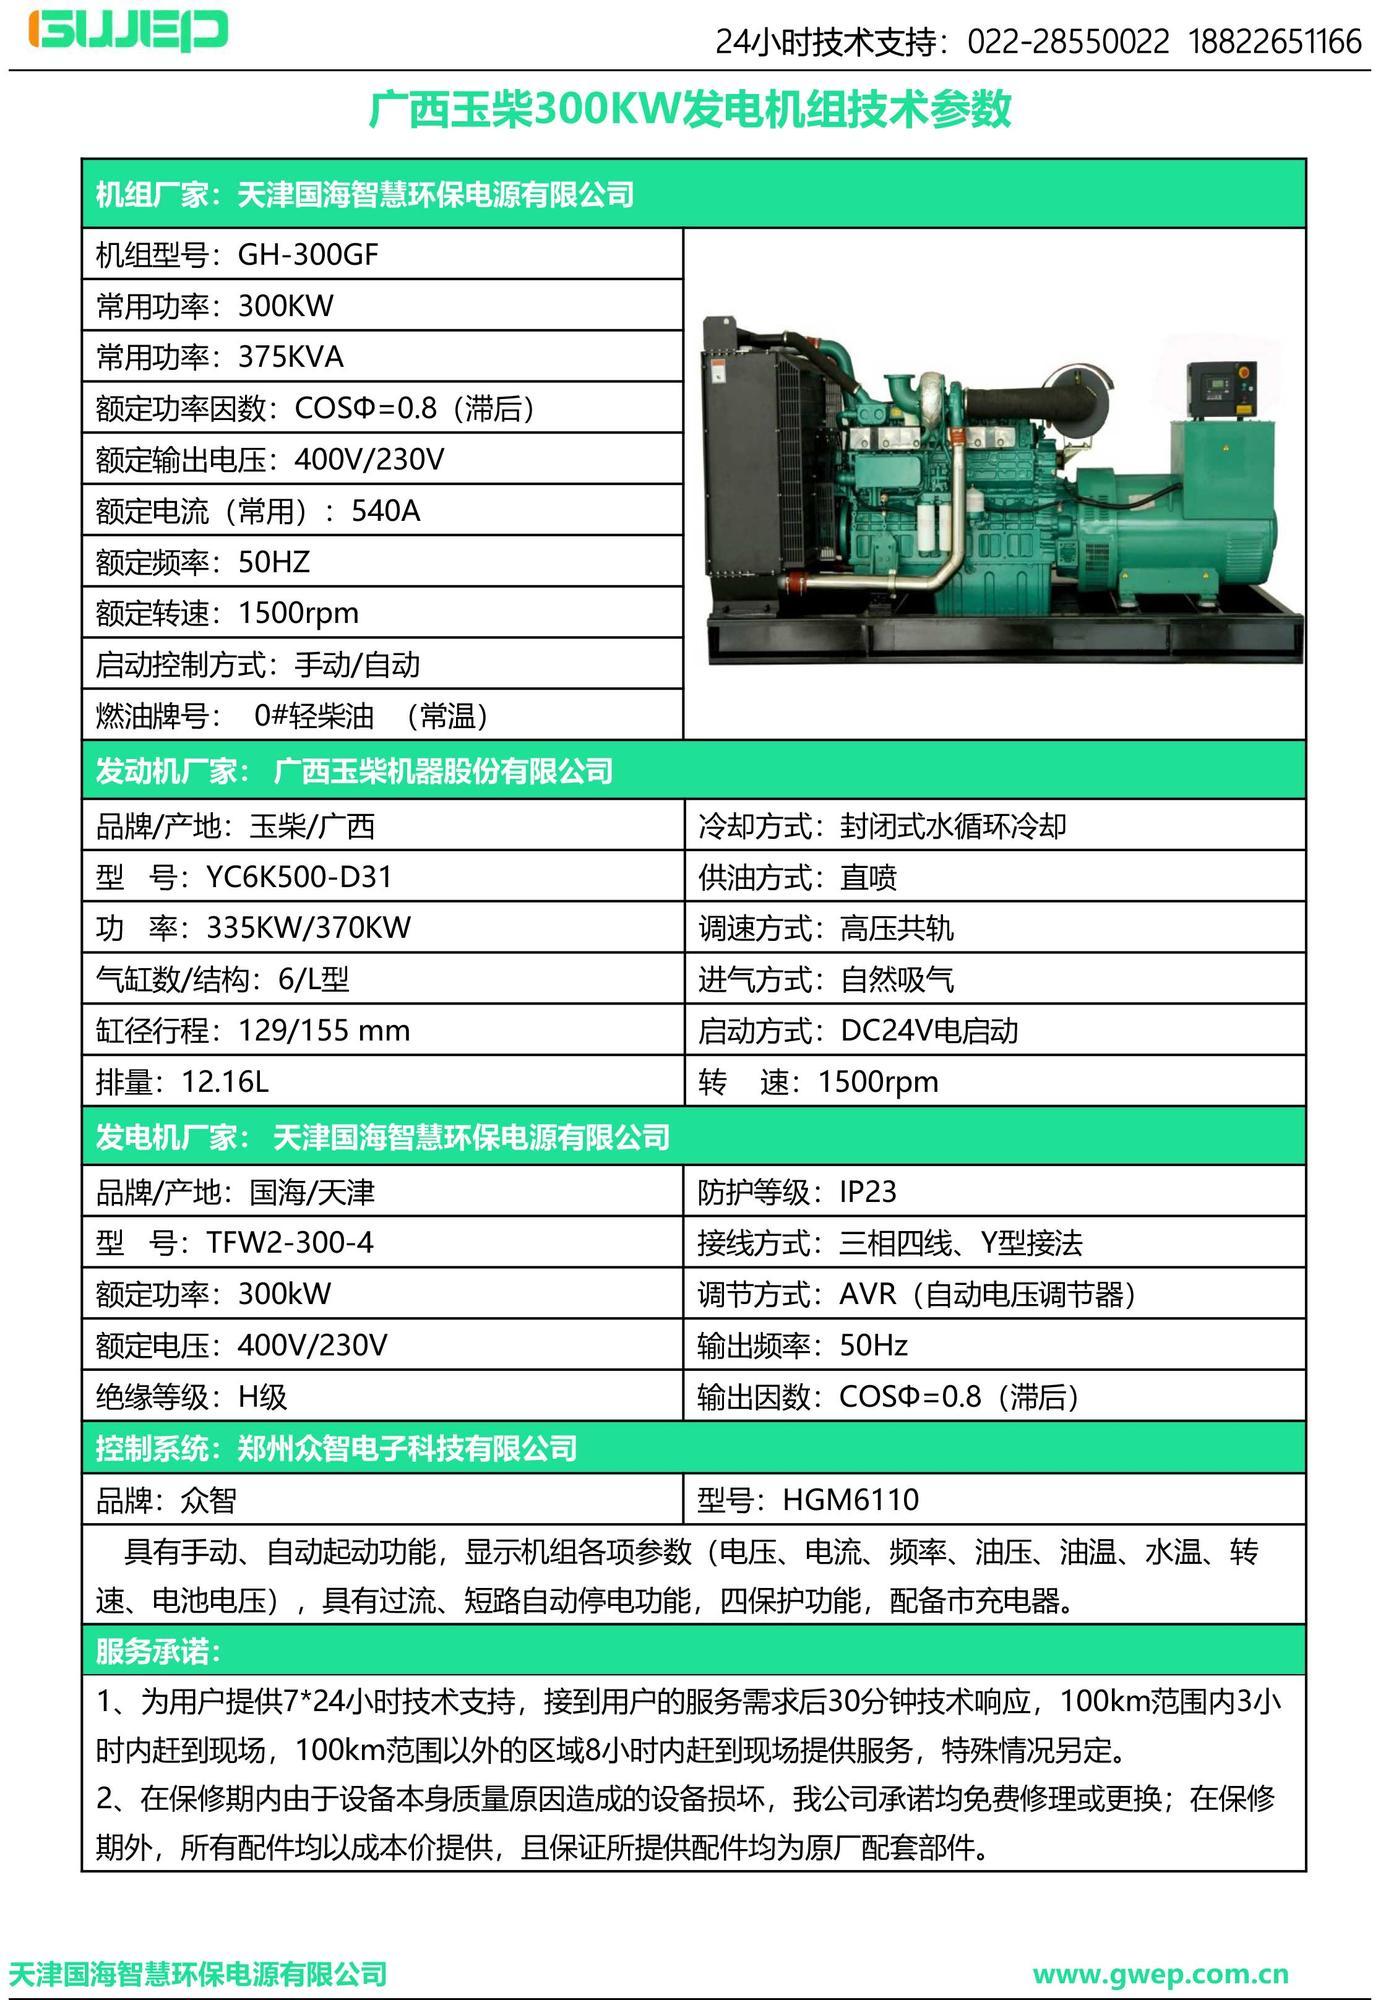 玉柴300KW发电机组技术资料-2.jpg